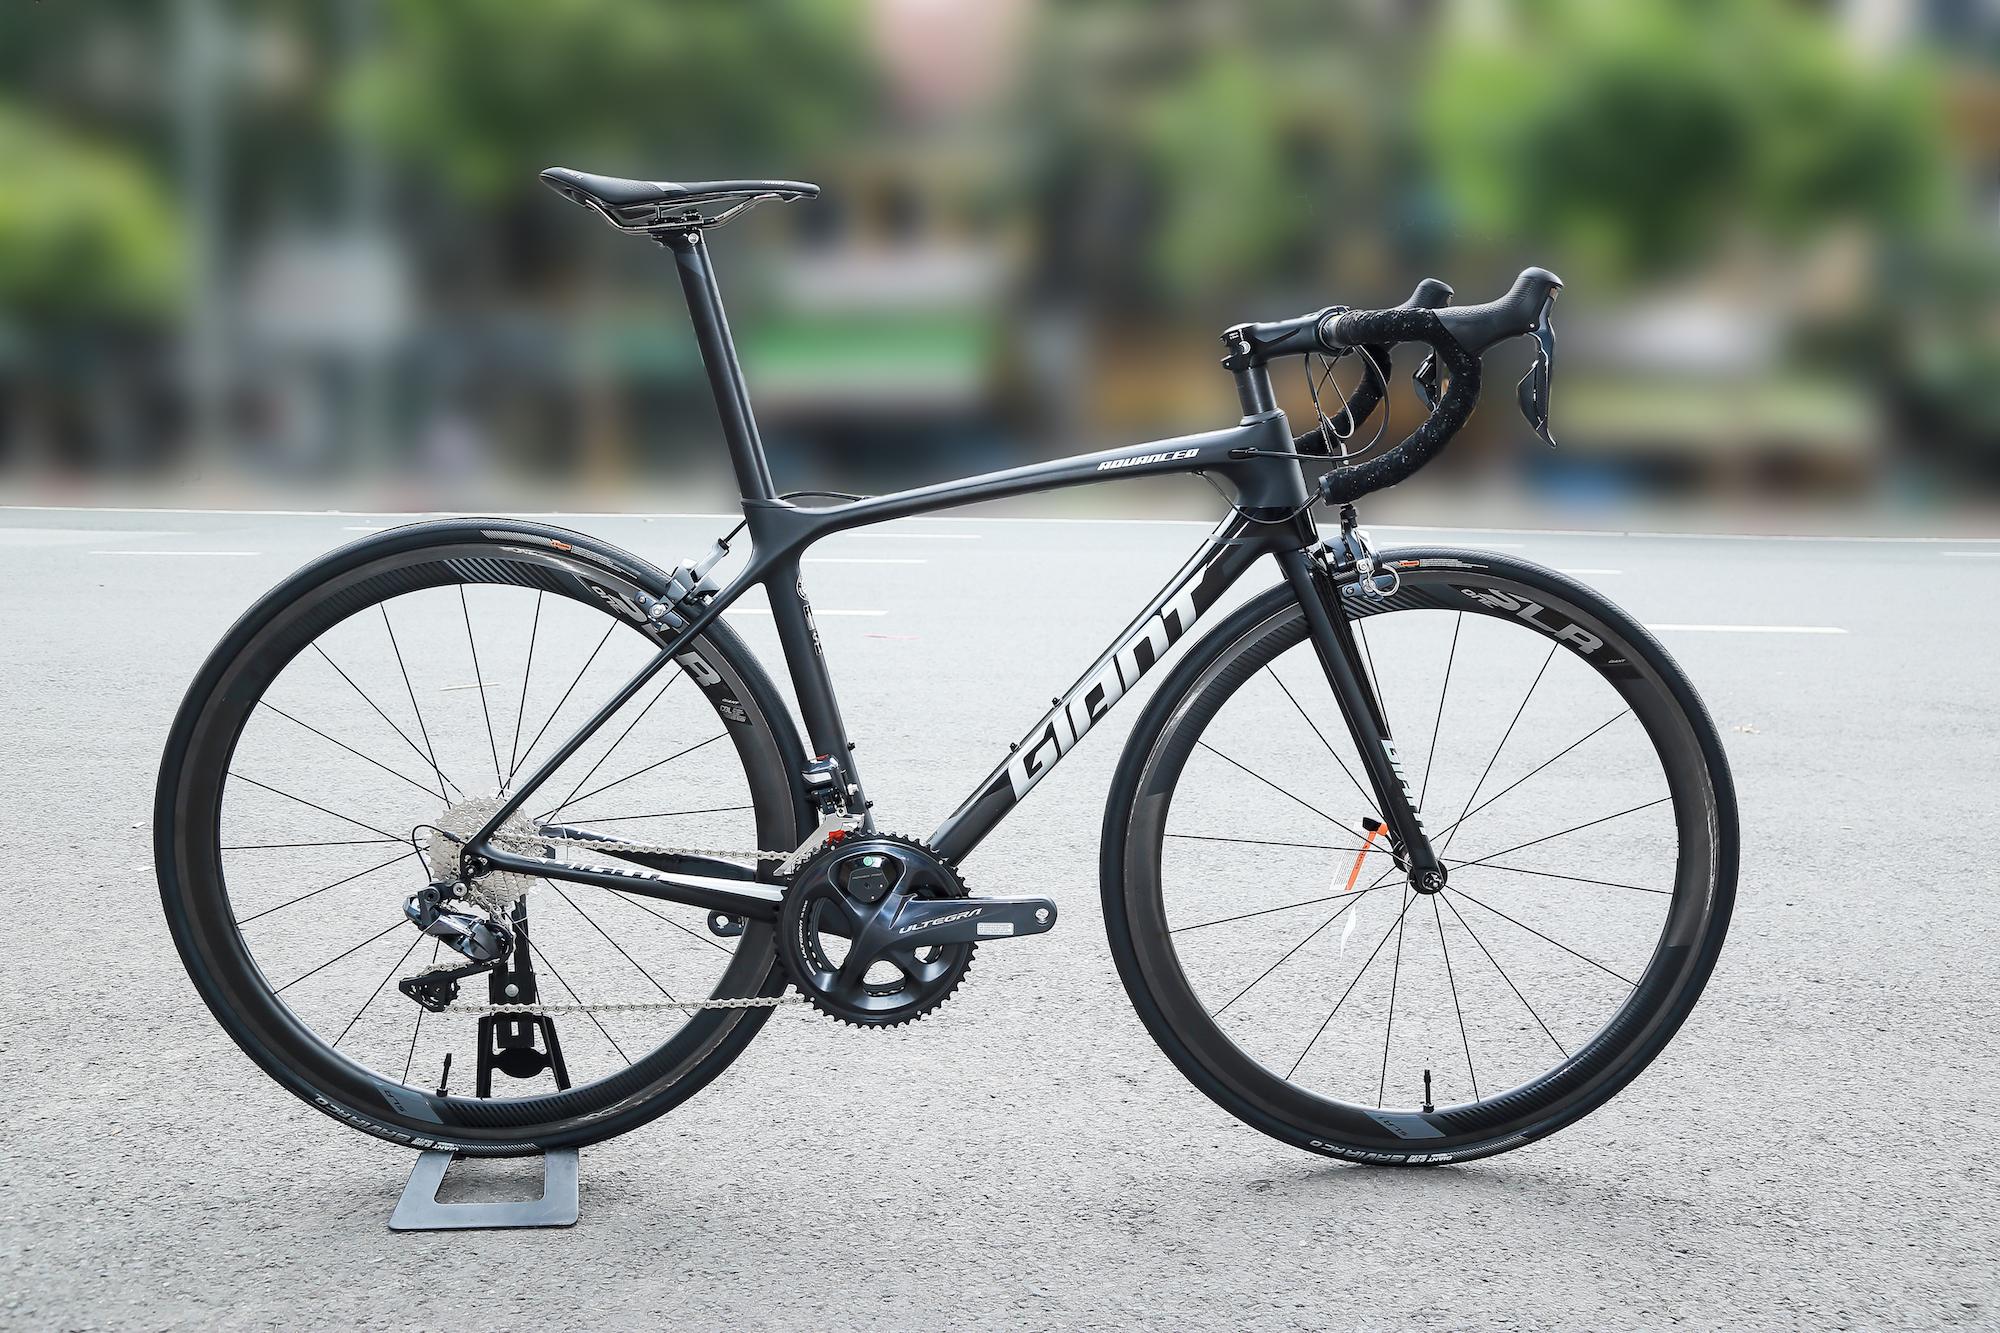 Xe Đạp Đua Giant TCR Advanced Pro 0 - MY19